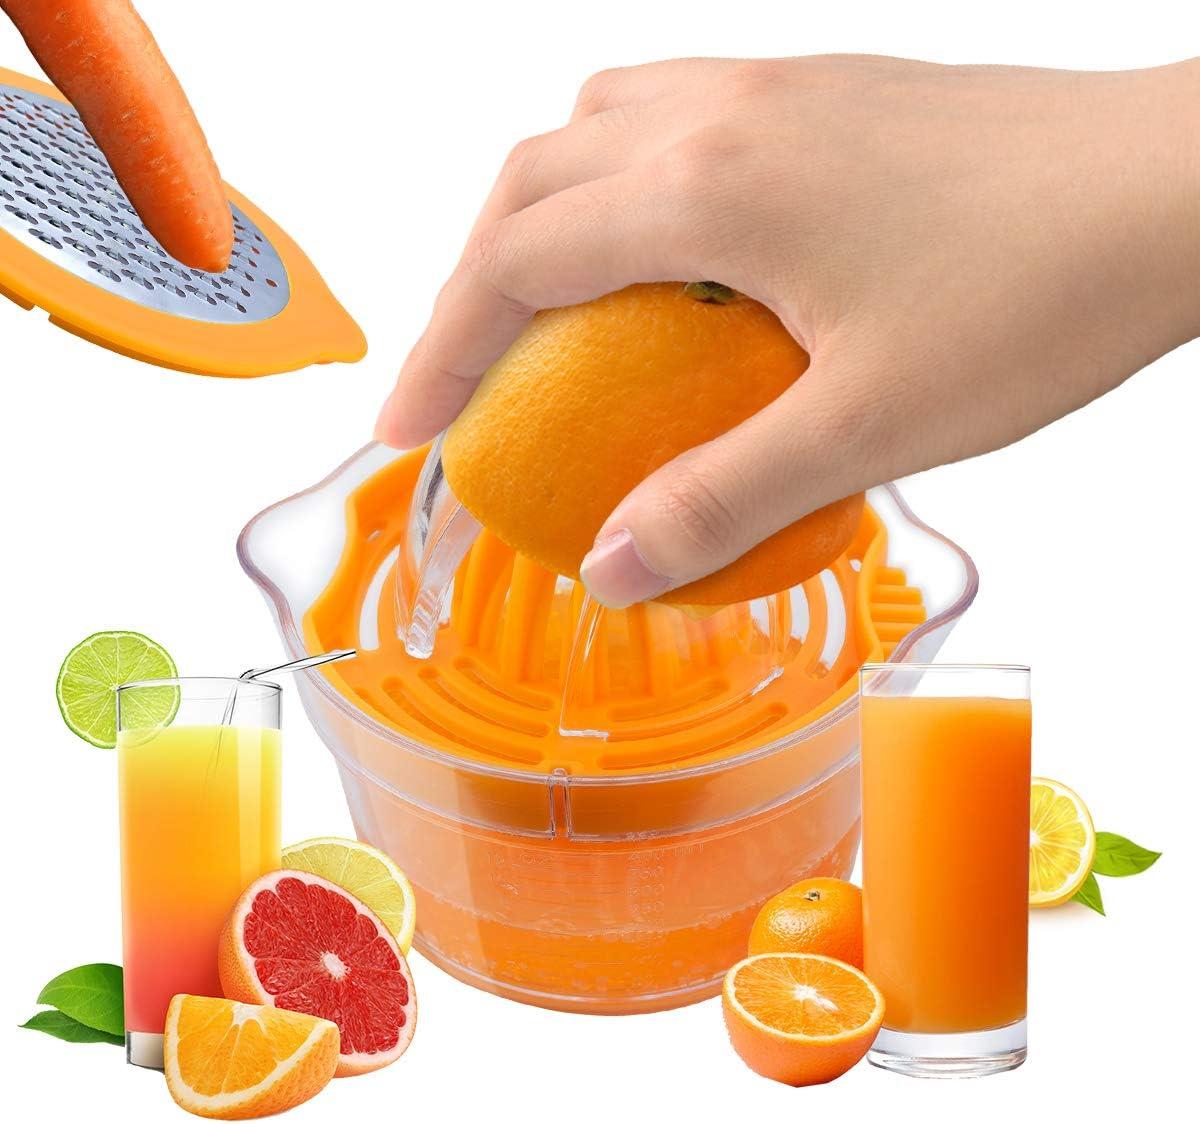 Citrus Juicer, 4 in 1 Manual Lemon Orange Juicer Hand Squeezer with Reamer, Grater, Egg Yolk Separetor and Built-in Measuring Cup, Ratation Squeezer for Oranges, Lemons, Limes, 12OZ